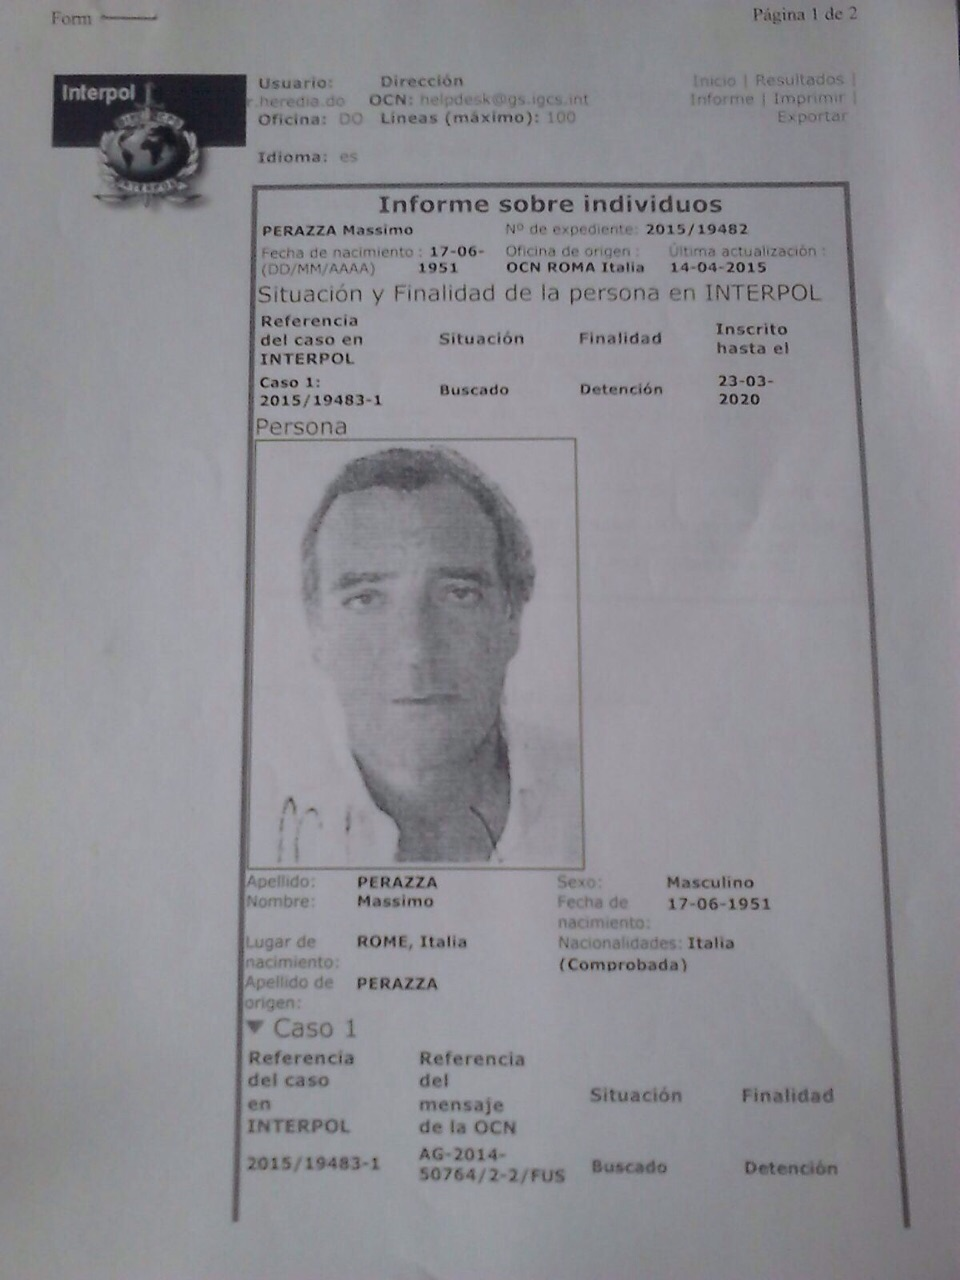 Interpol apresa dos italianos acusados de  falsificación y  fraude